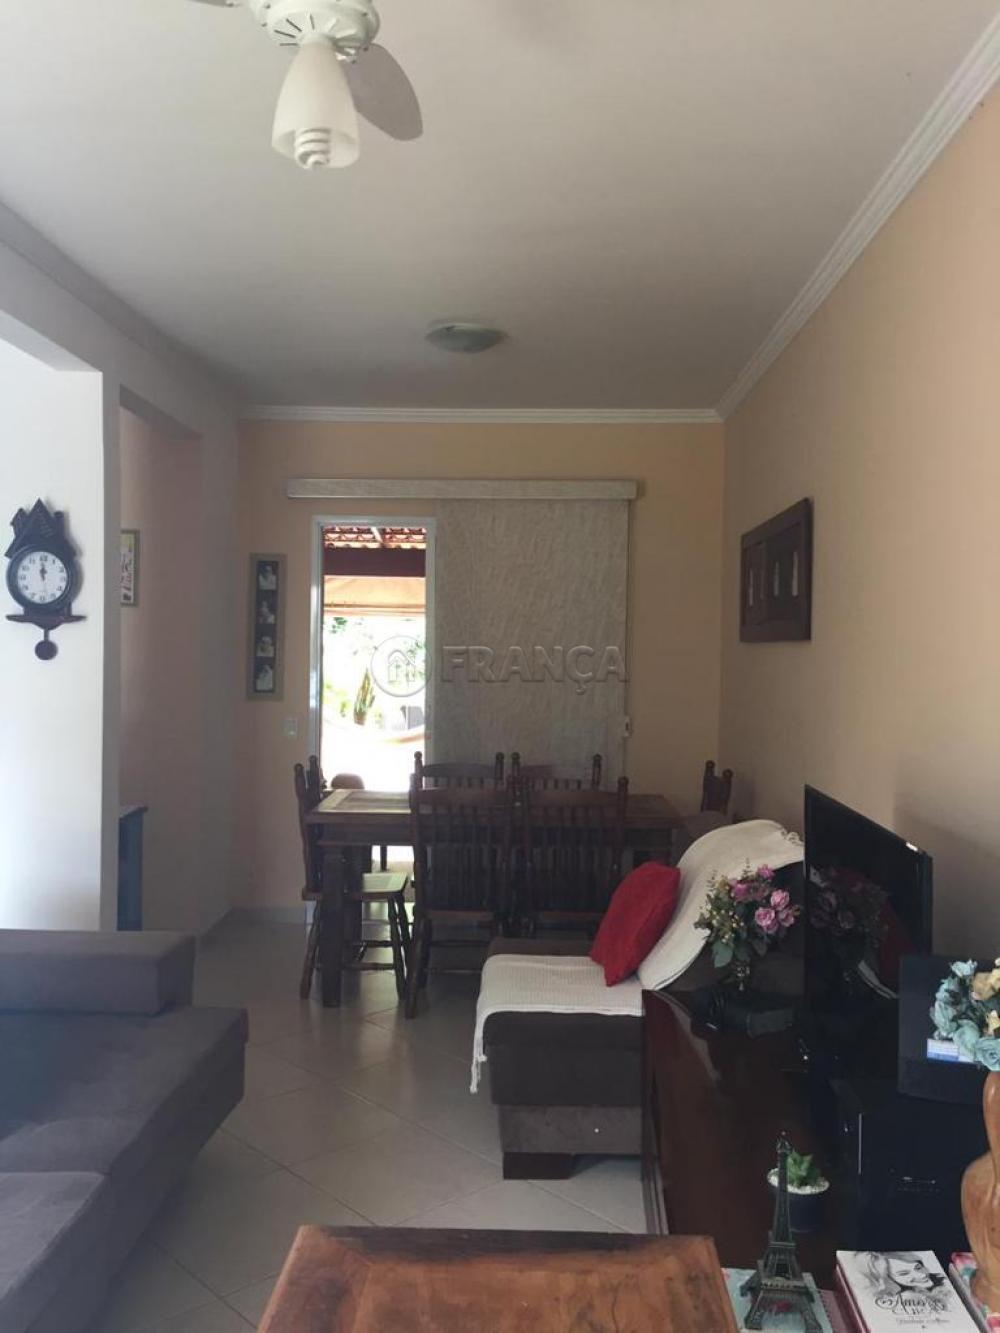 Comprar Casa / Condomínio em Jacareí R$ 540.600,00 - Foto 2